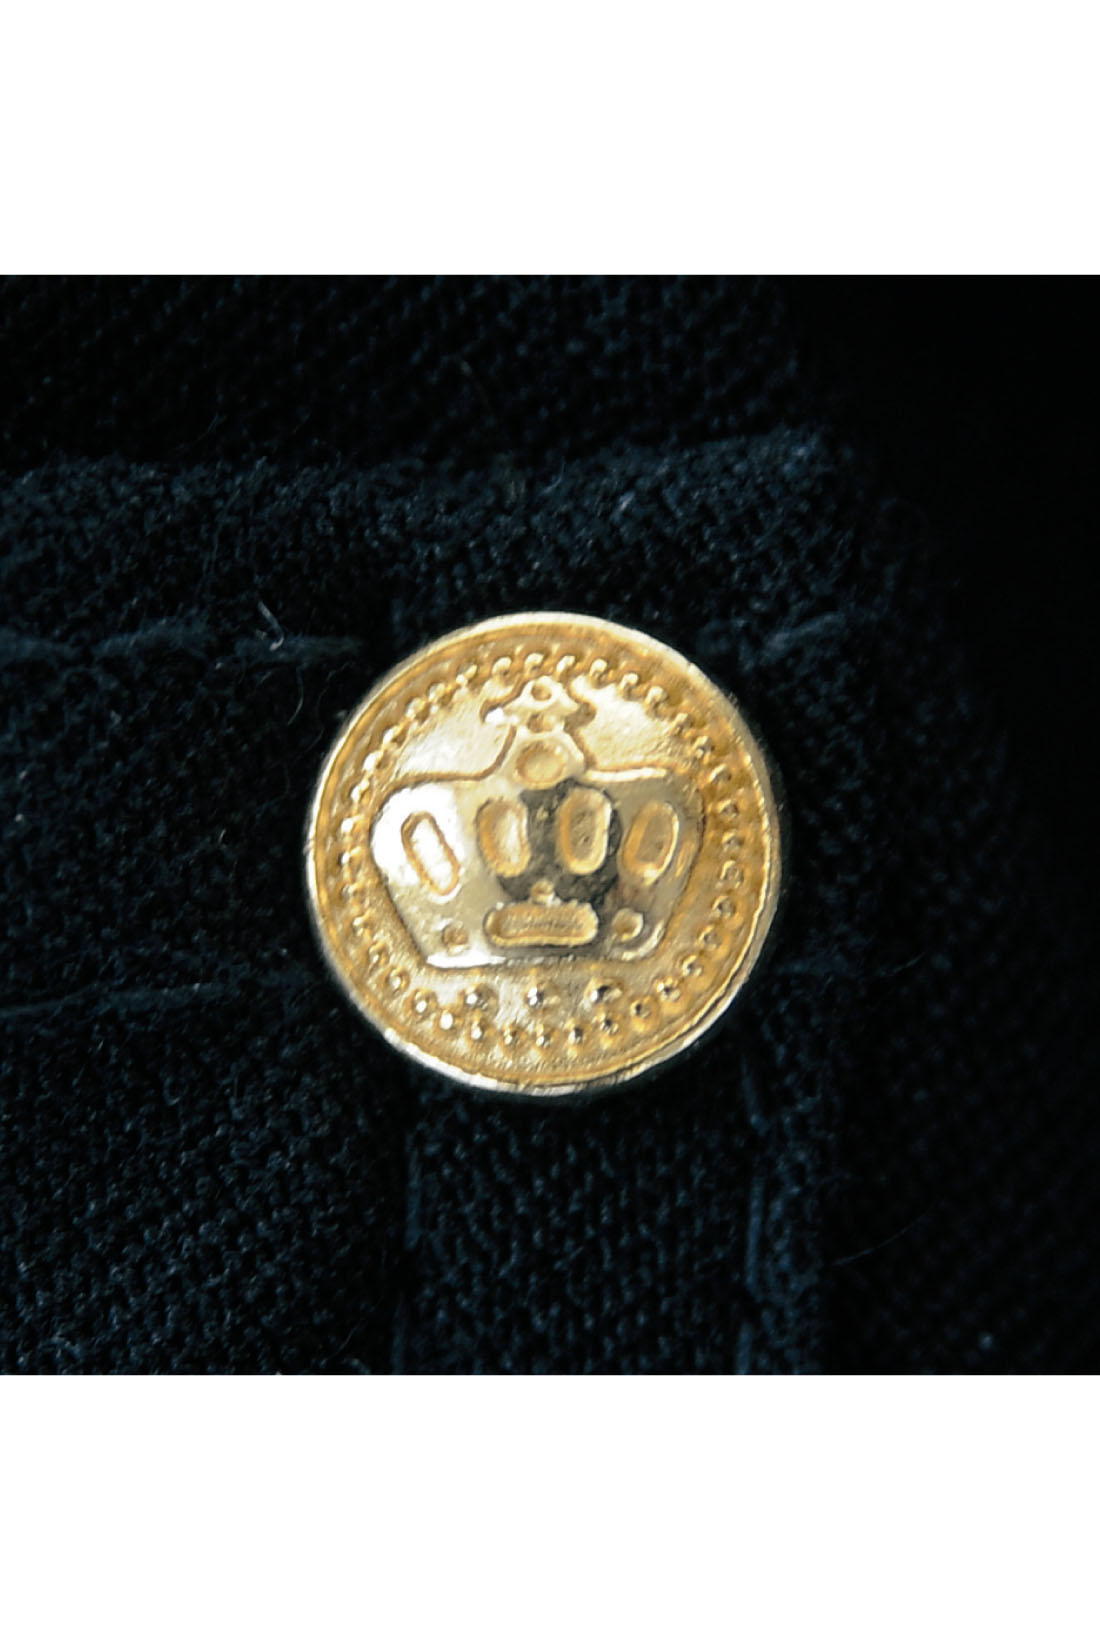 ポケットの王冠モチーフのゴールドリベットが上品。 ※お届けするカラーとは異なります。